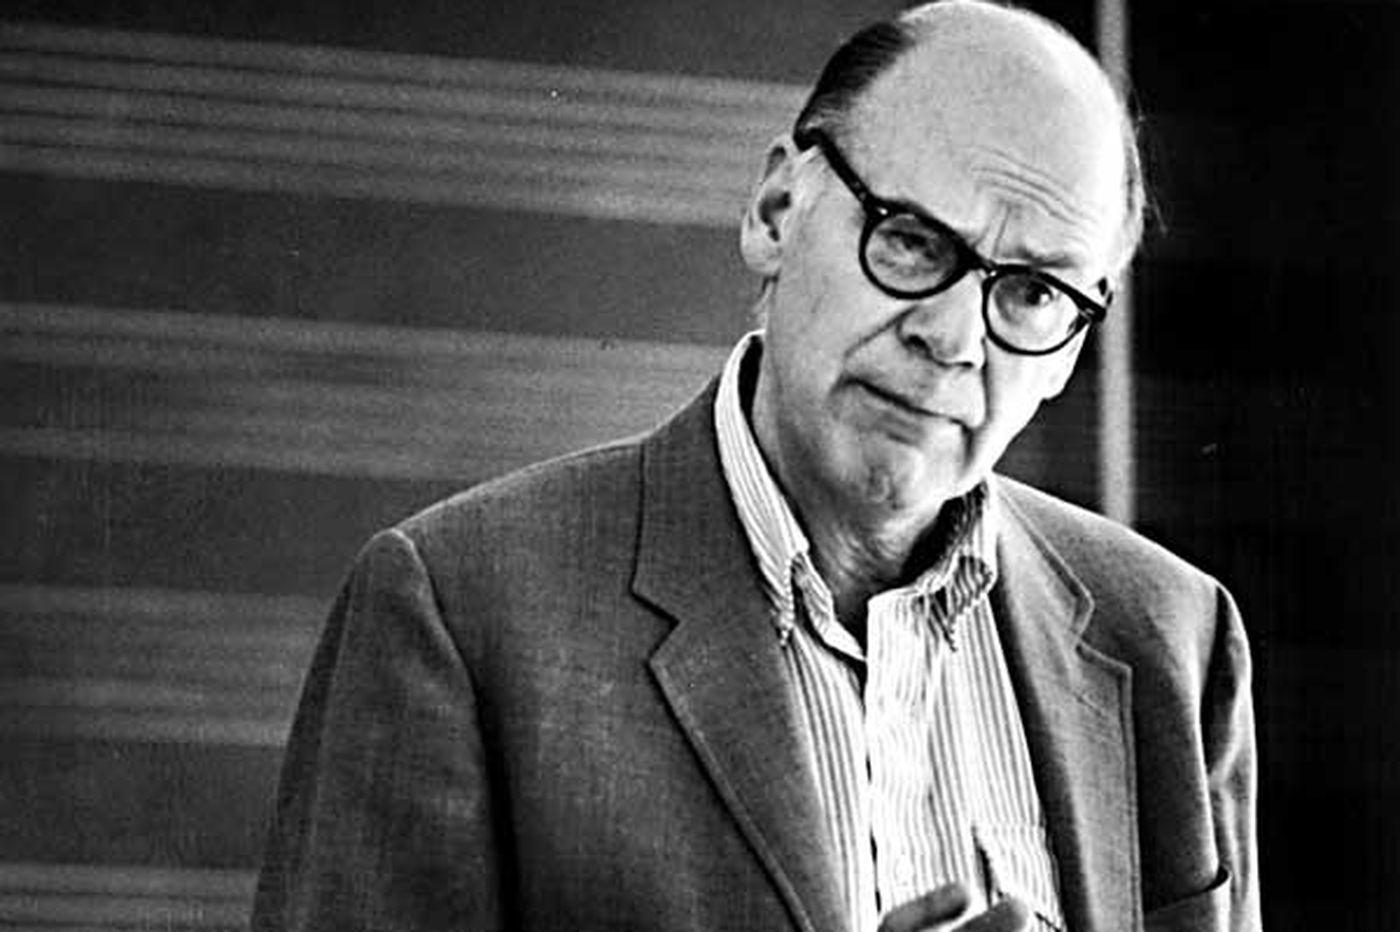 Neil Leonard, Penn jazz historian